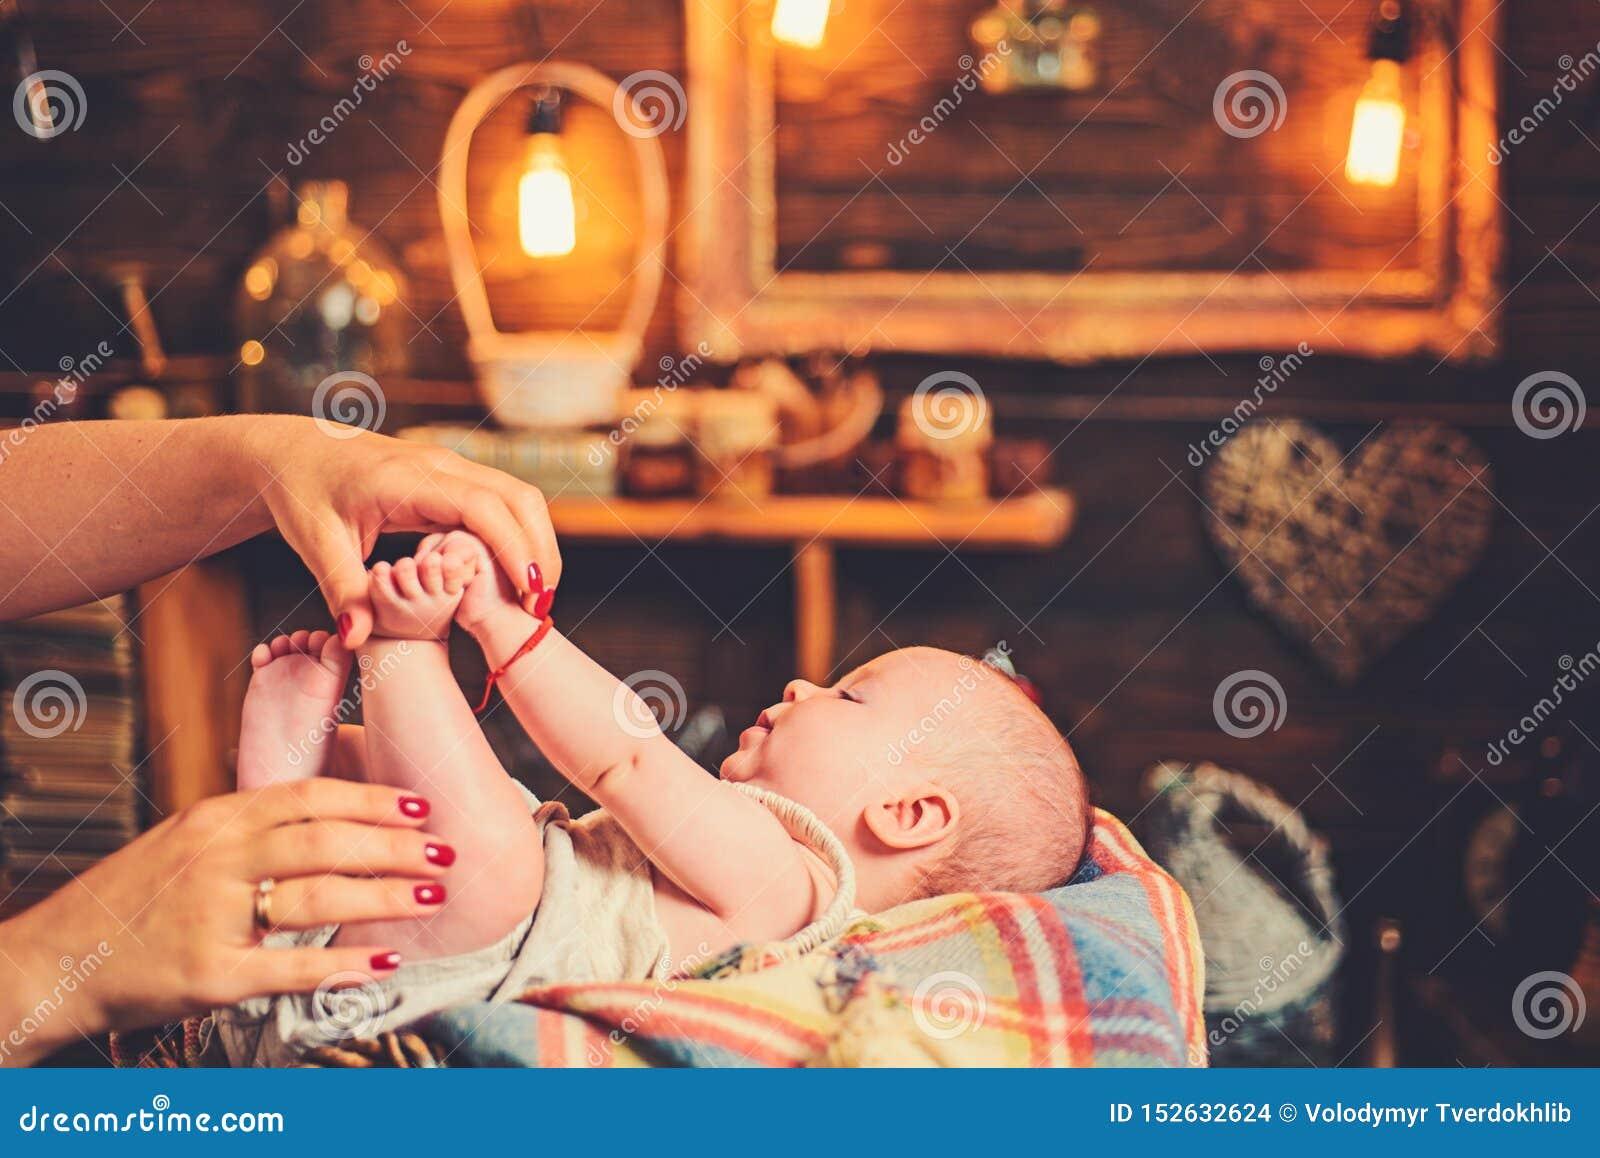 Cutie con la mam? Familia Cuidado de ni?os El d?a de los ni?os Peque?a muchacha con la cara linda parenting ni?ez y felicidad